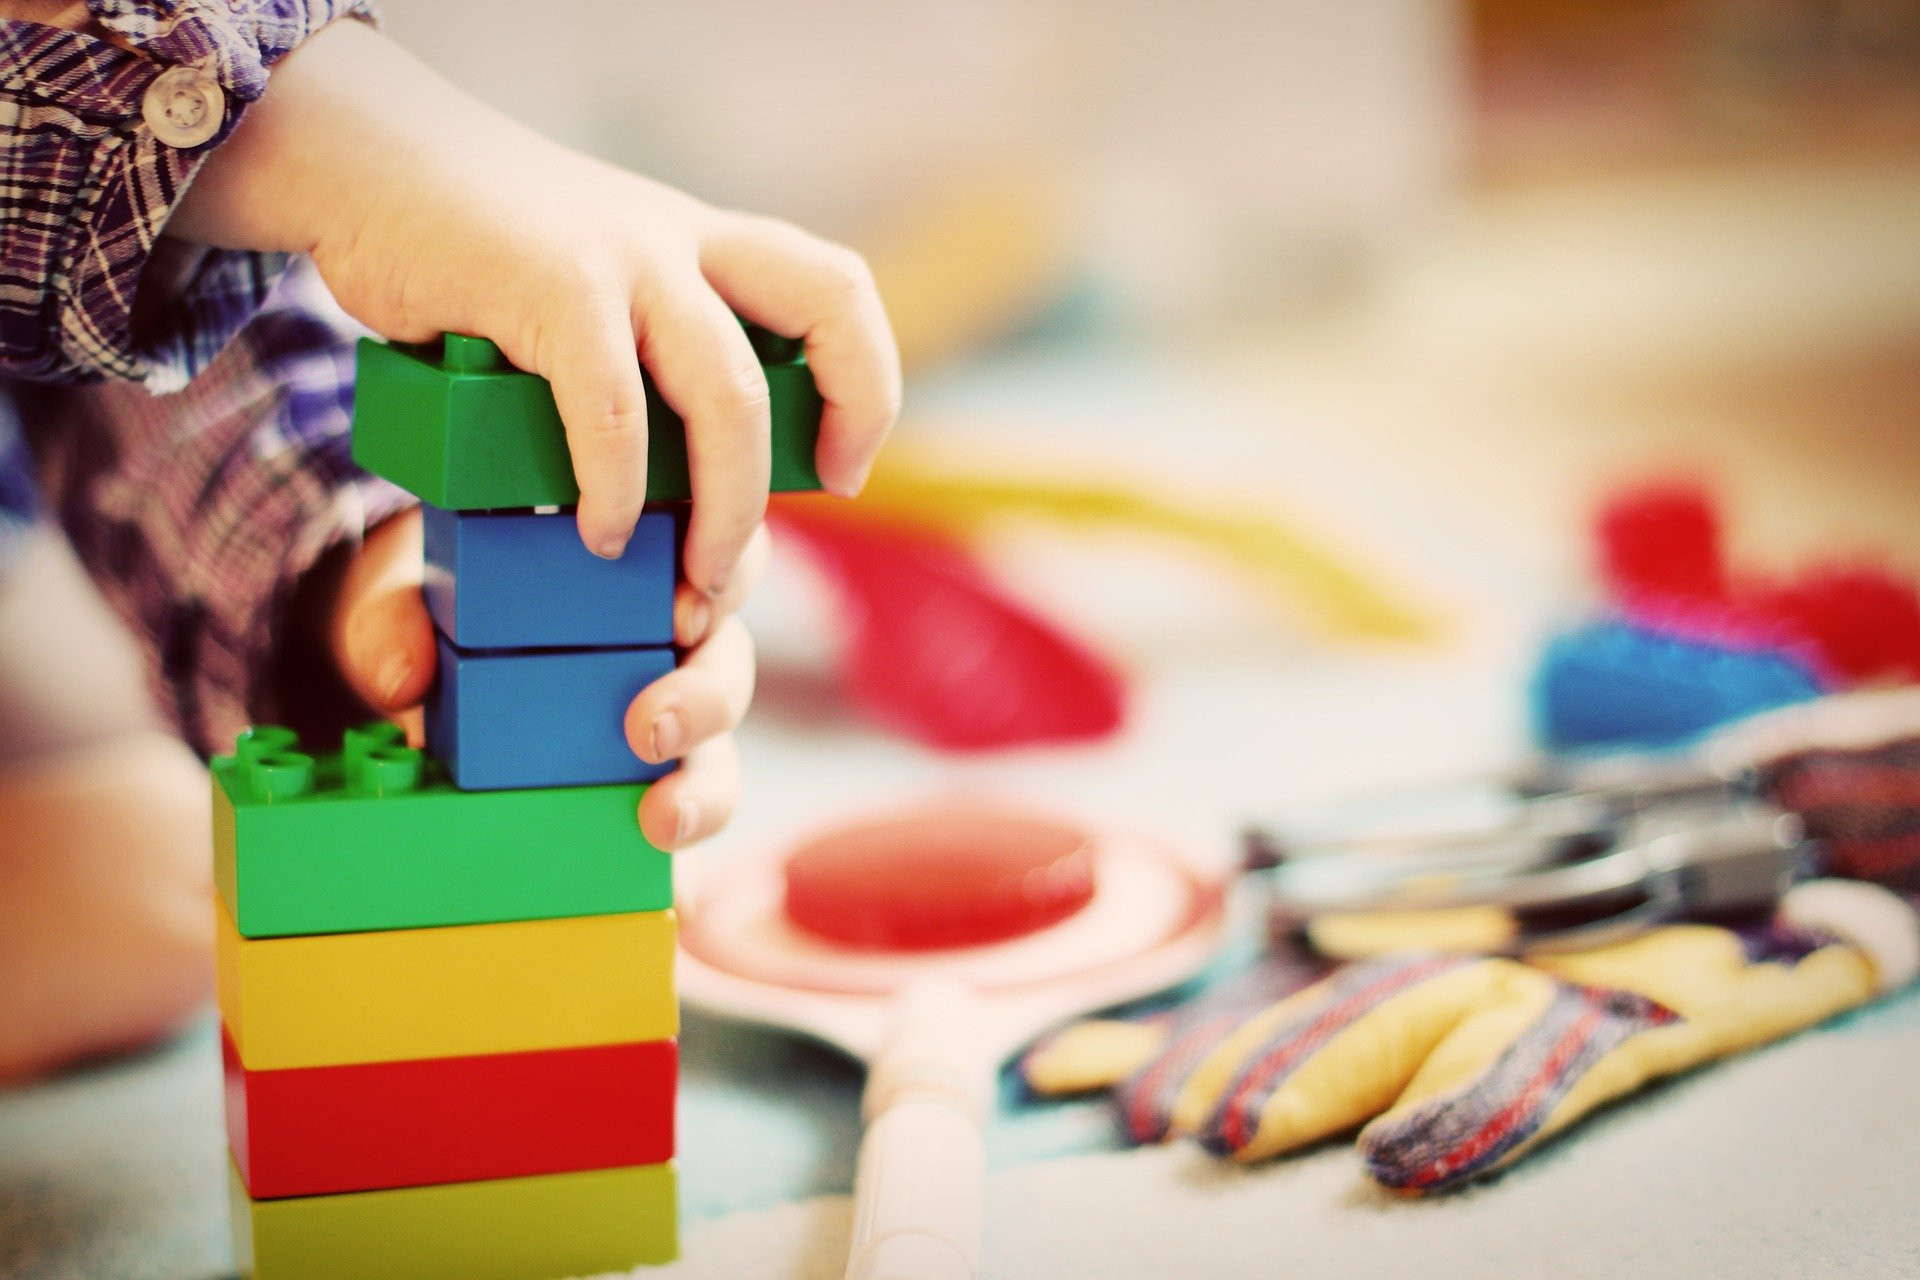 Comment nettoyer efficacement les jouets des enfants?